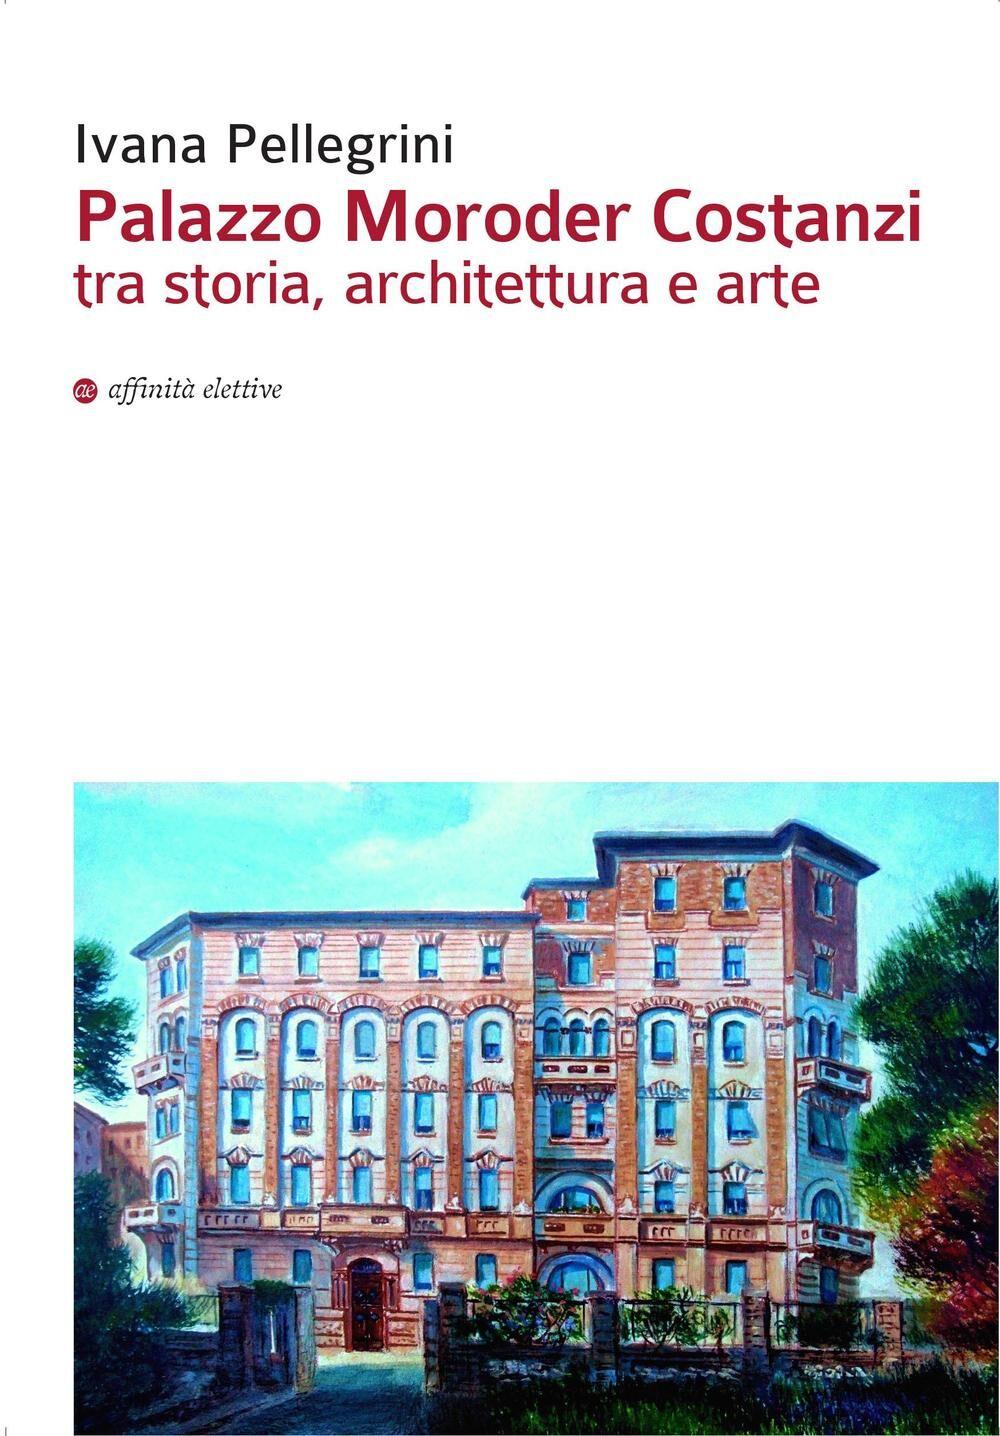 Palazzo Moroder Costanzi tra storia, architettura e arte